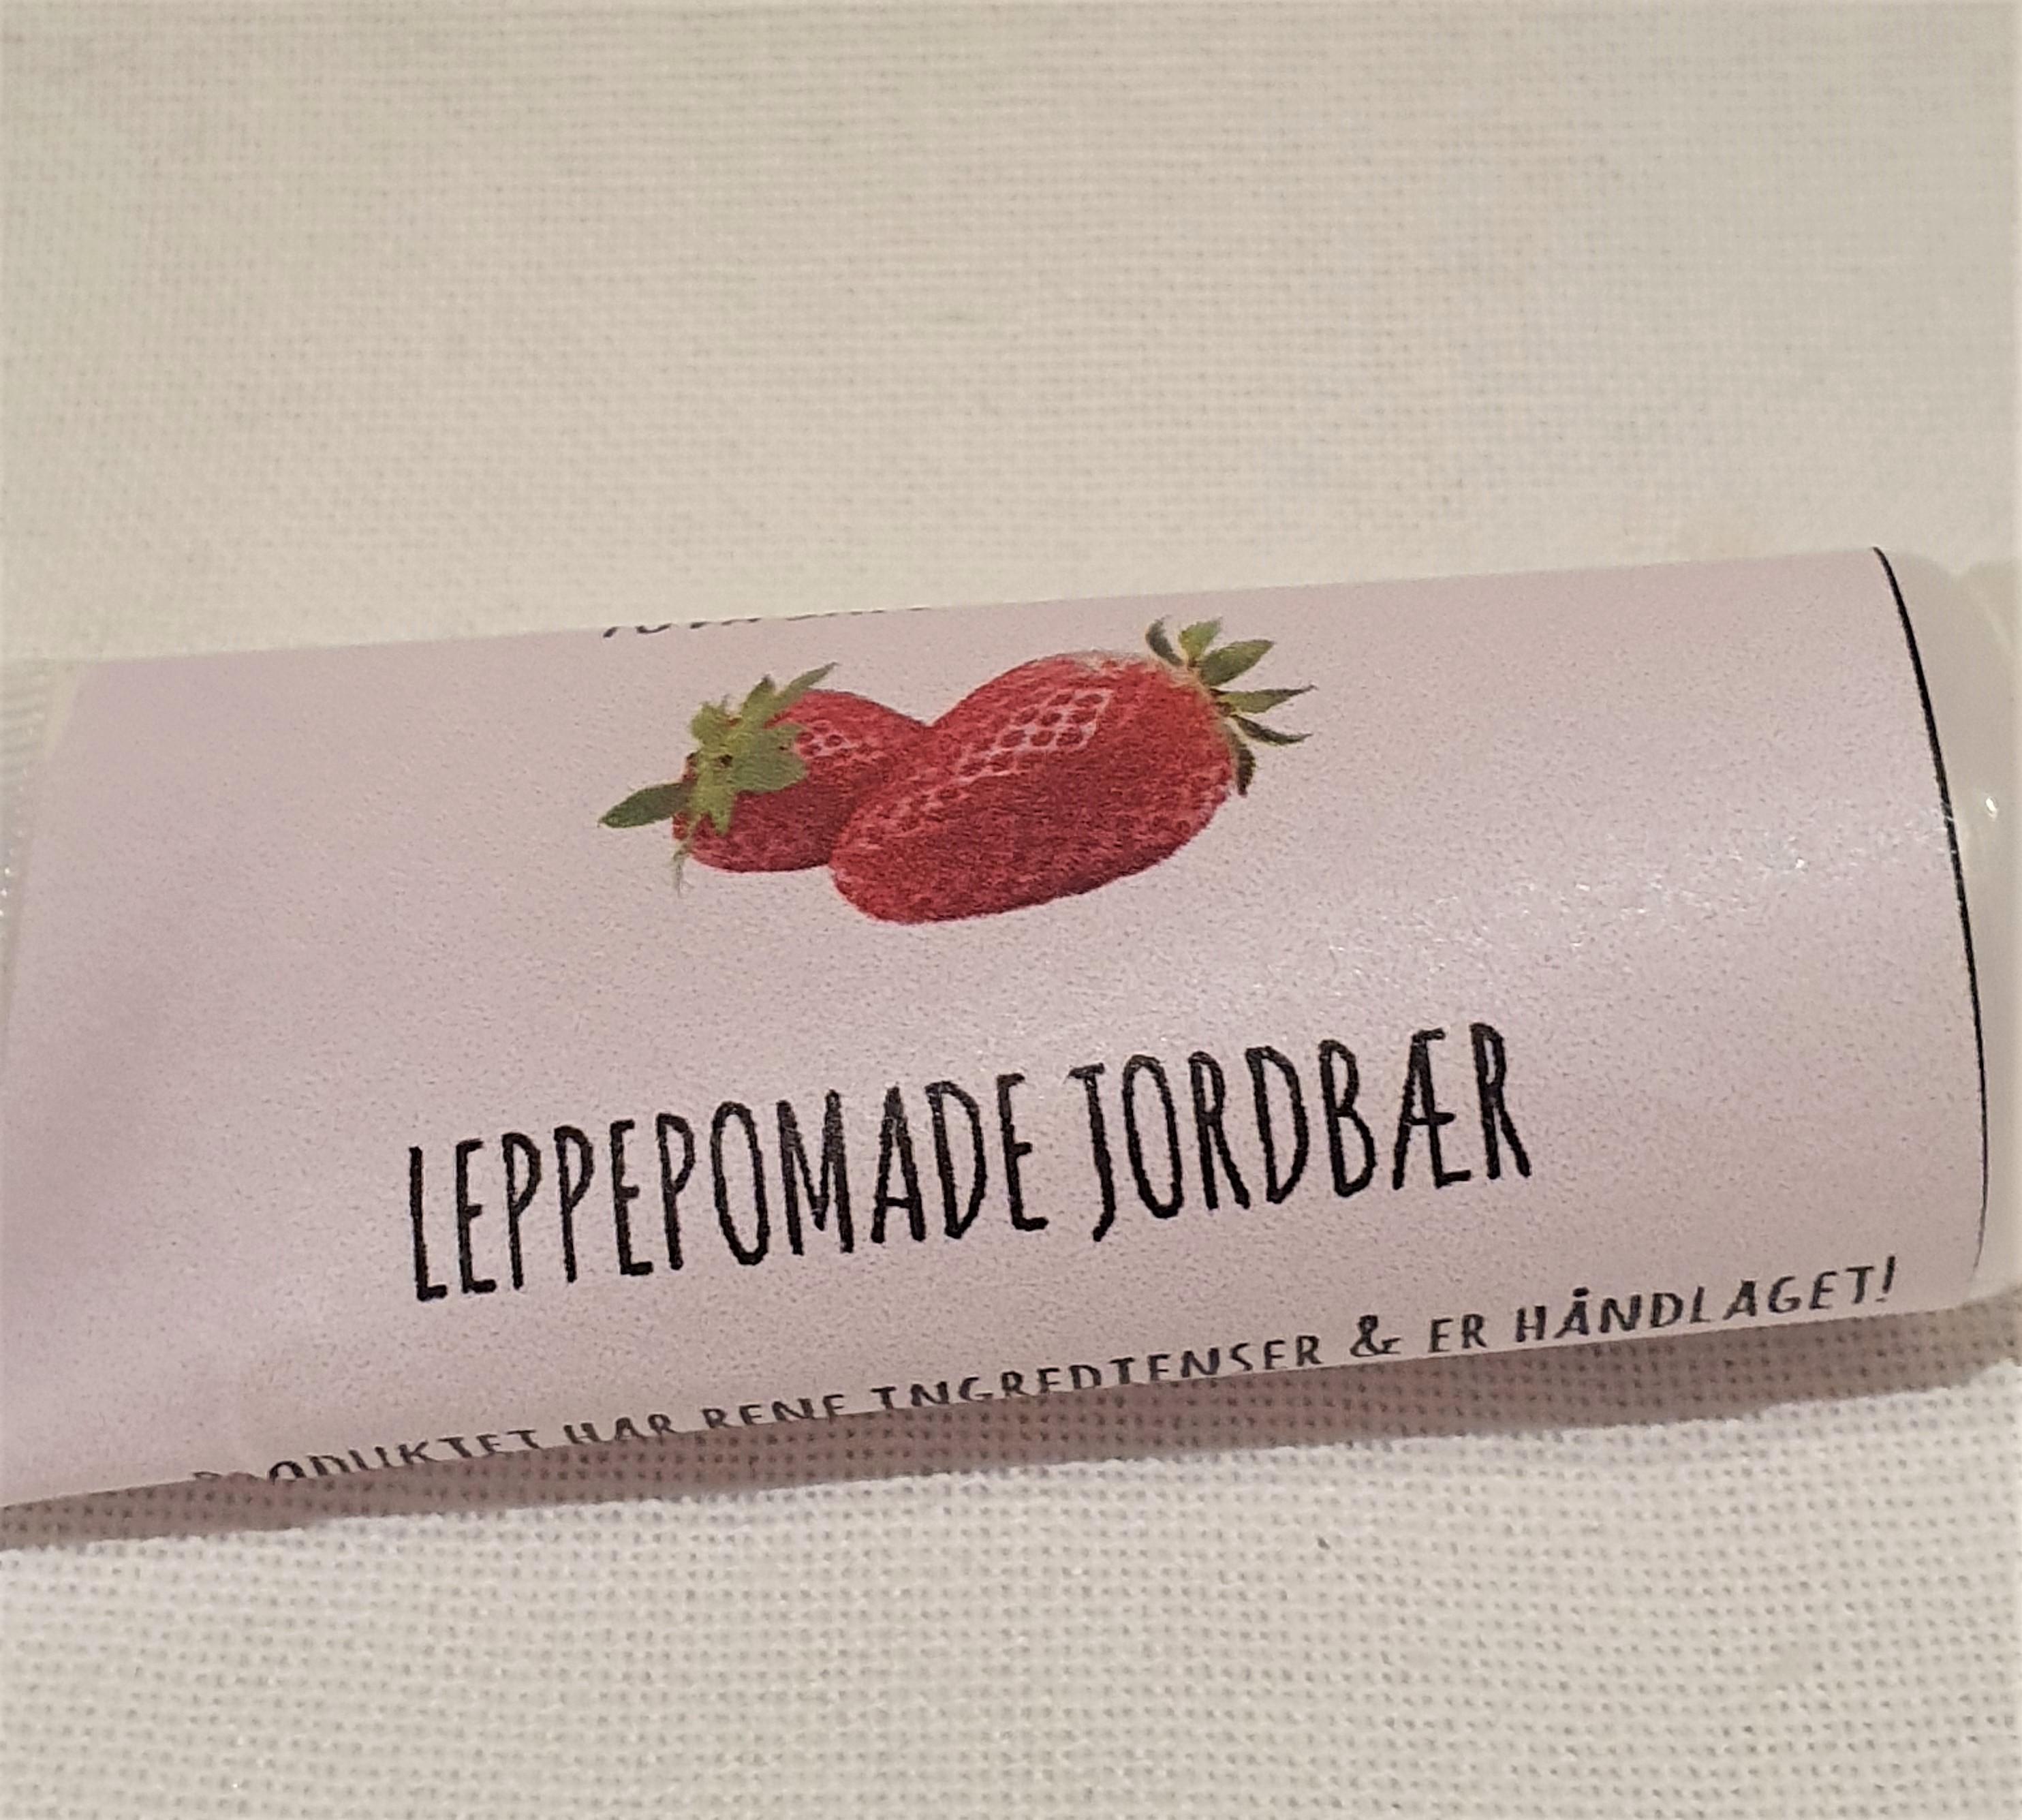 Leppepomade JORDBÆR